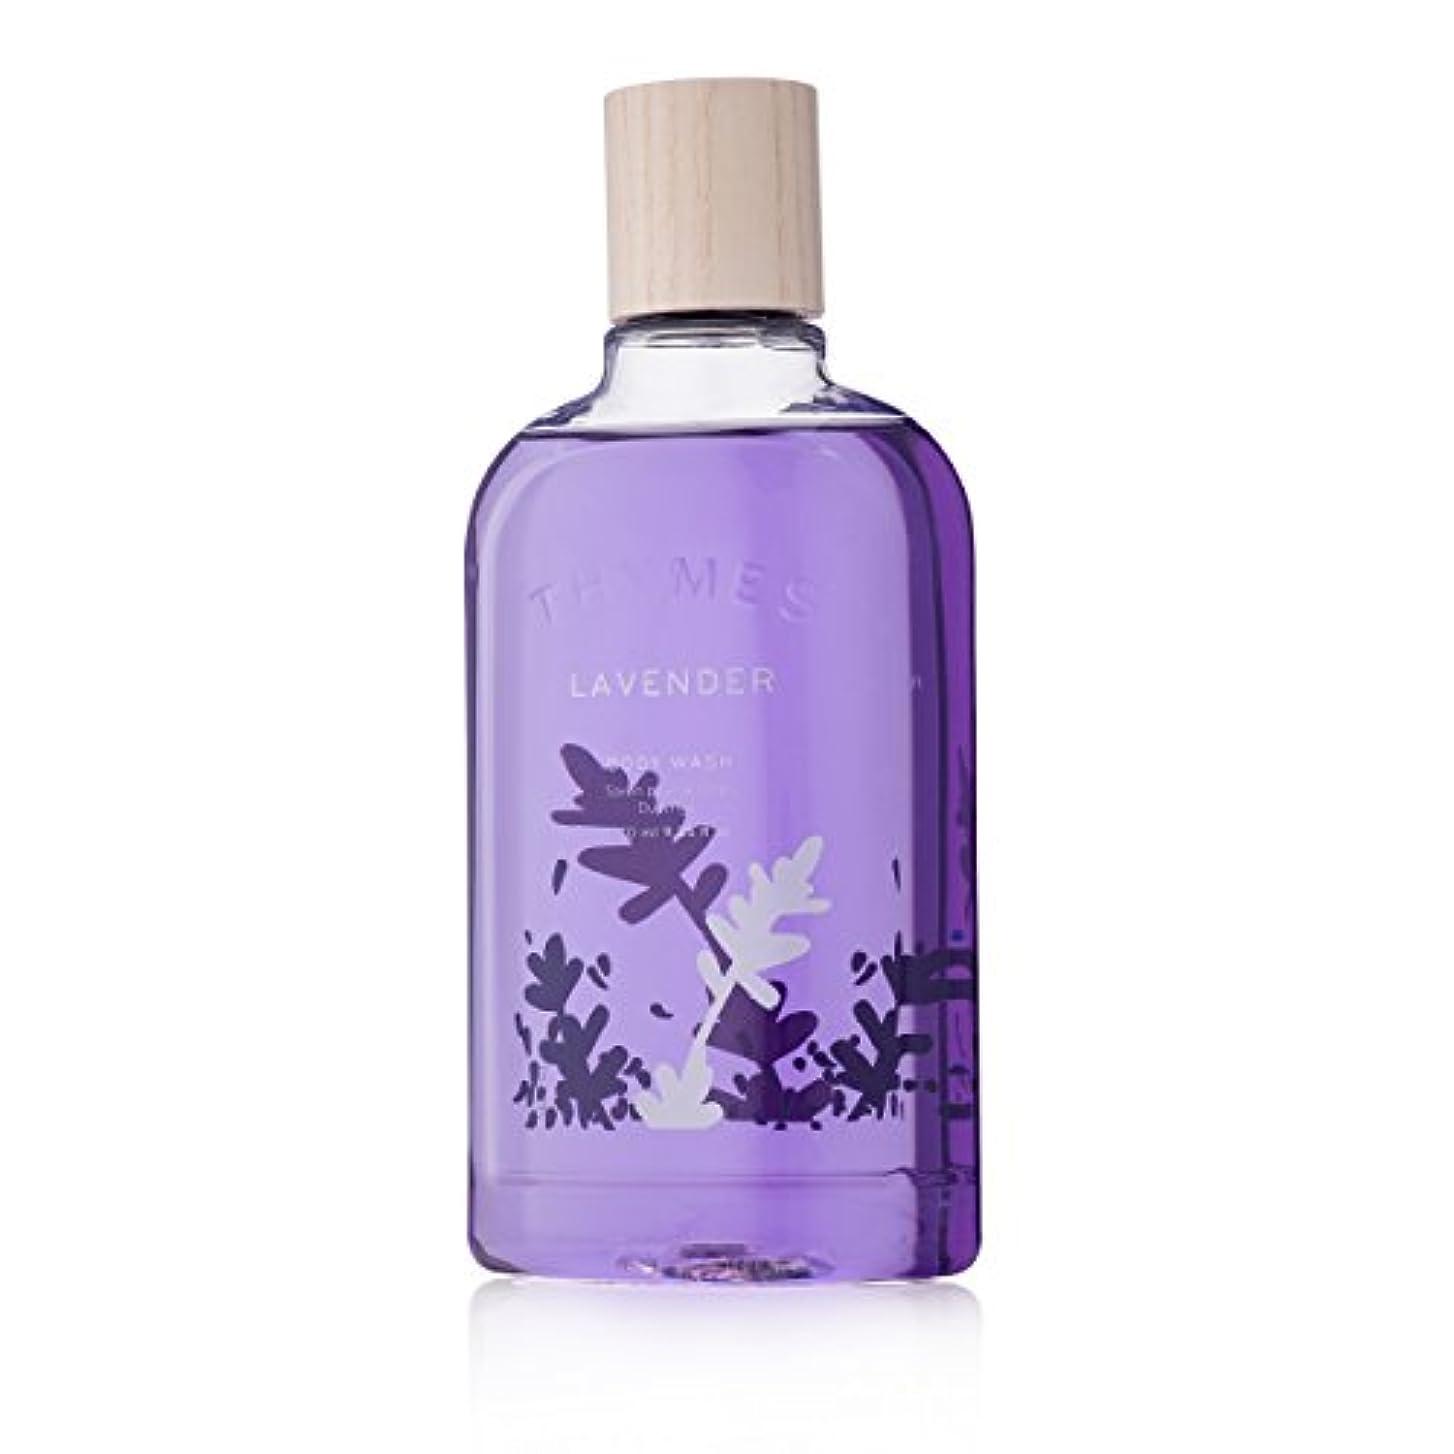 Thymes Lavender Body Wash 270ml/9.25oz